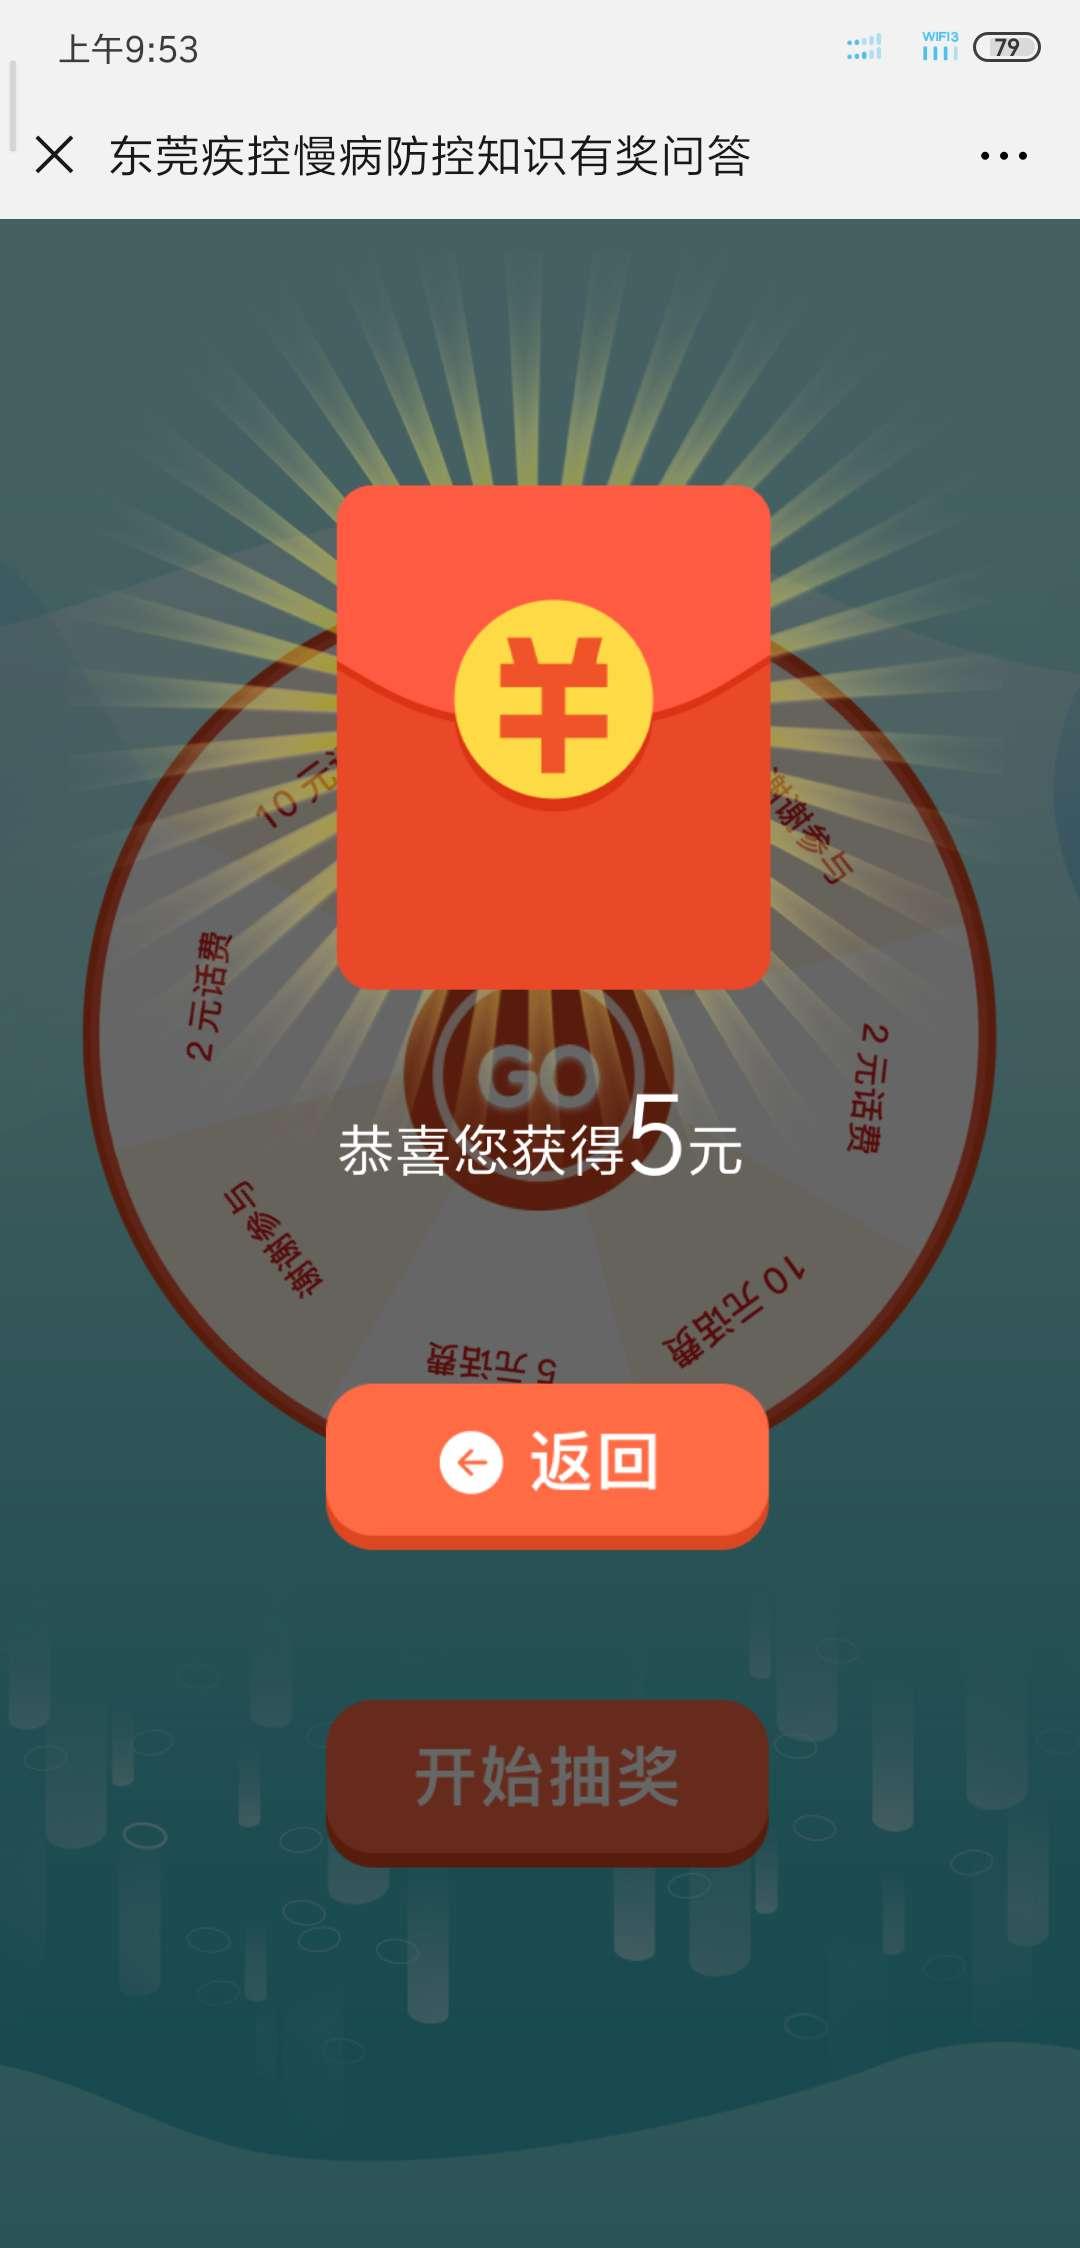 【话费流量】东莞疾控慢病防控知识有奖问答必中十元话费-100tui.cn